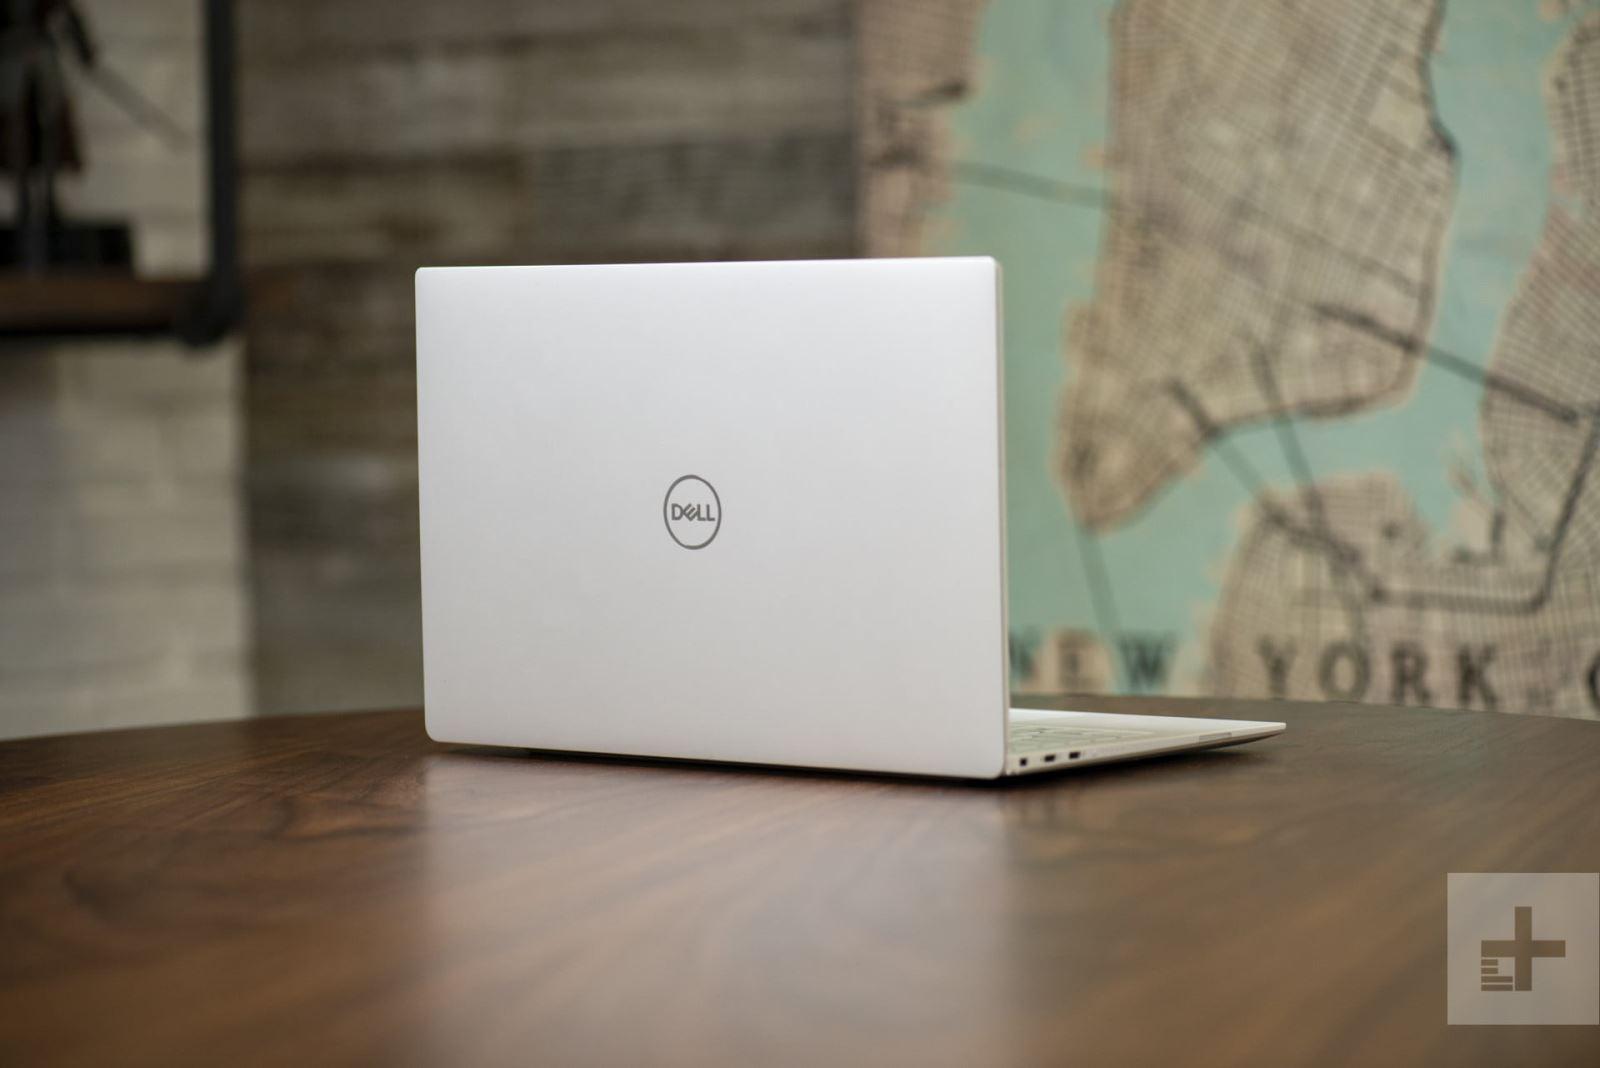 Đánh giá Dell XPS 13 9380 (ảnh 1)